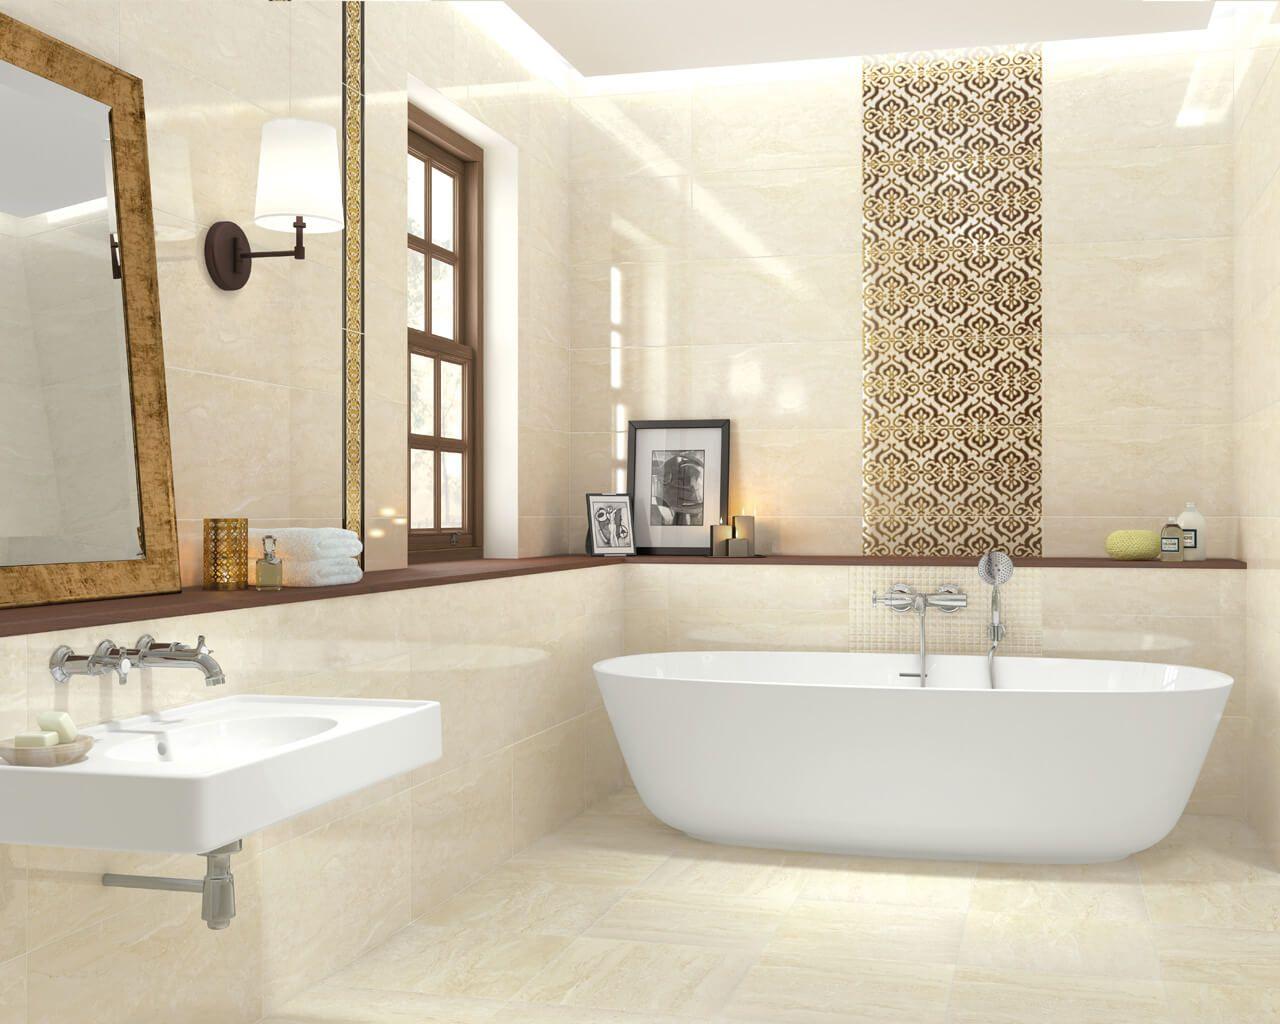 Przestronna łazienka W Stylu Tradycyjnym Z Wolno Stojącą